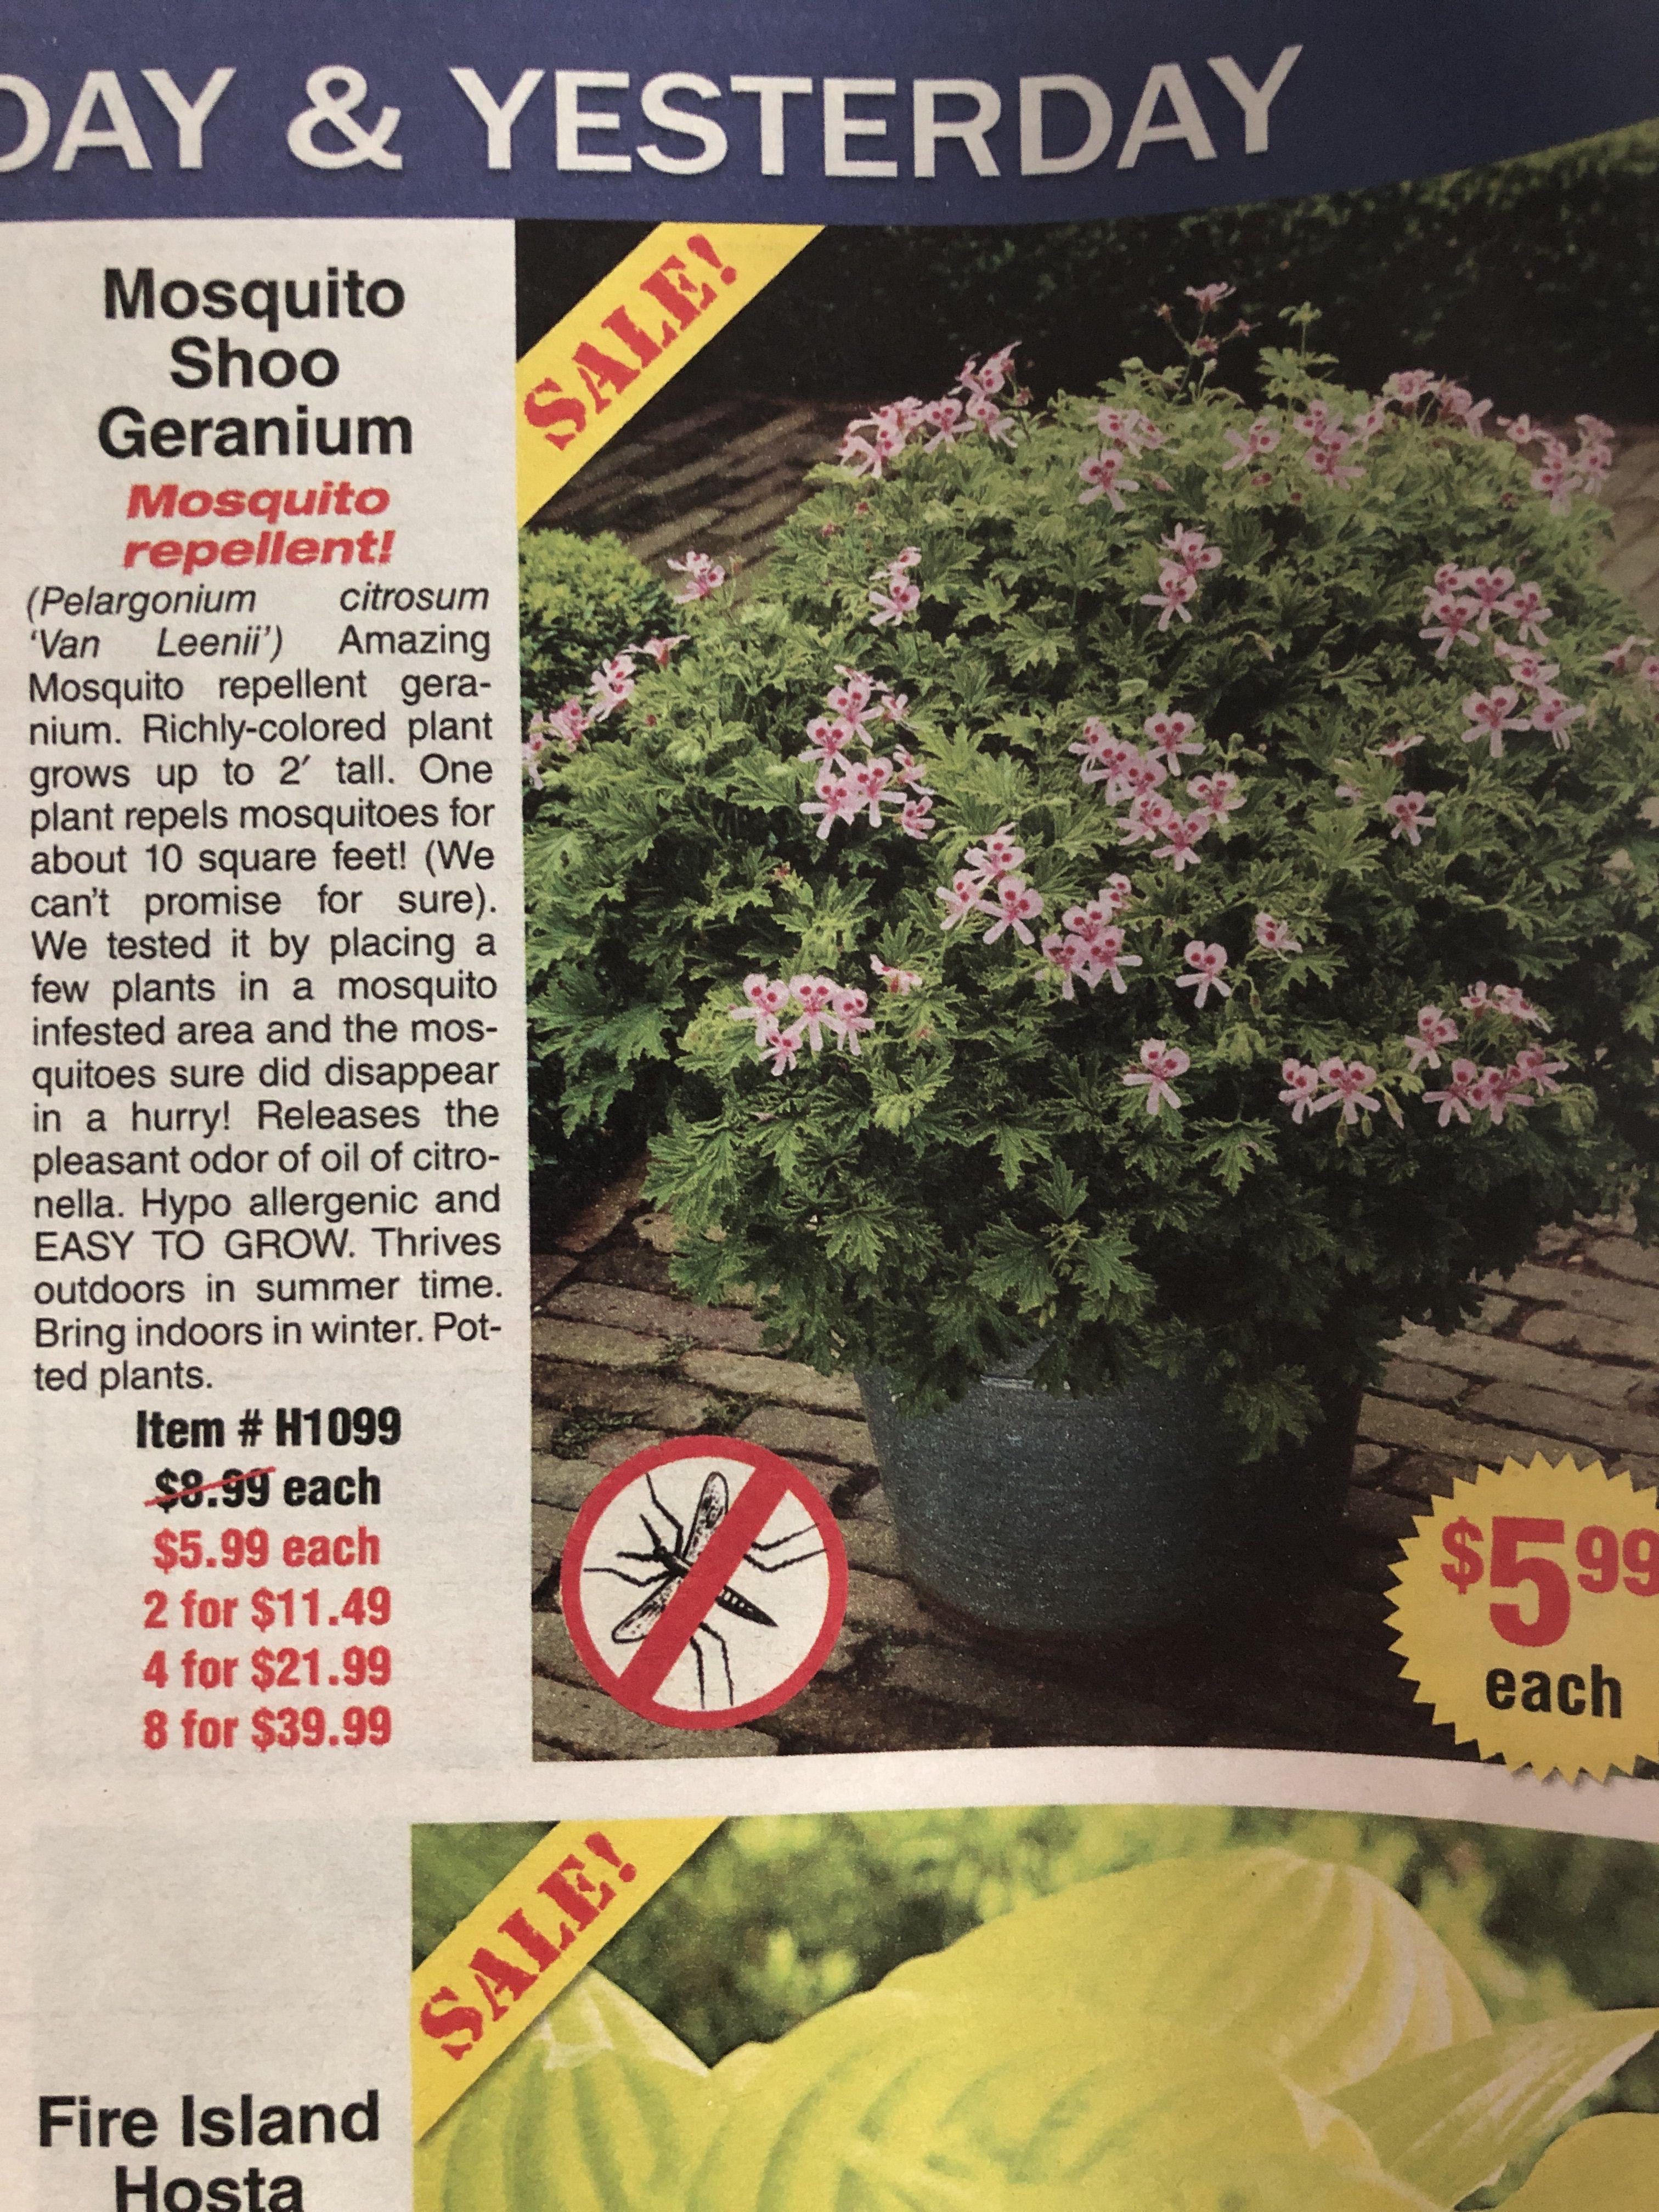 Mosquito Shoo Geranium Pelargonium Citrosum Geraniums Pelargonium